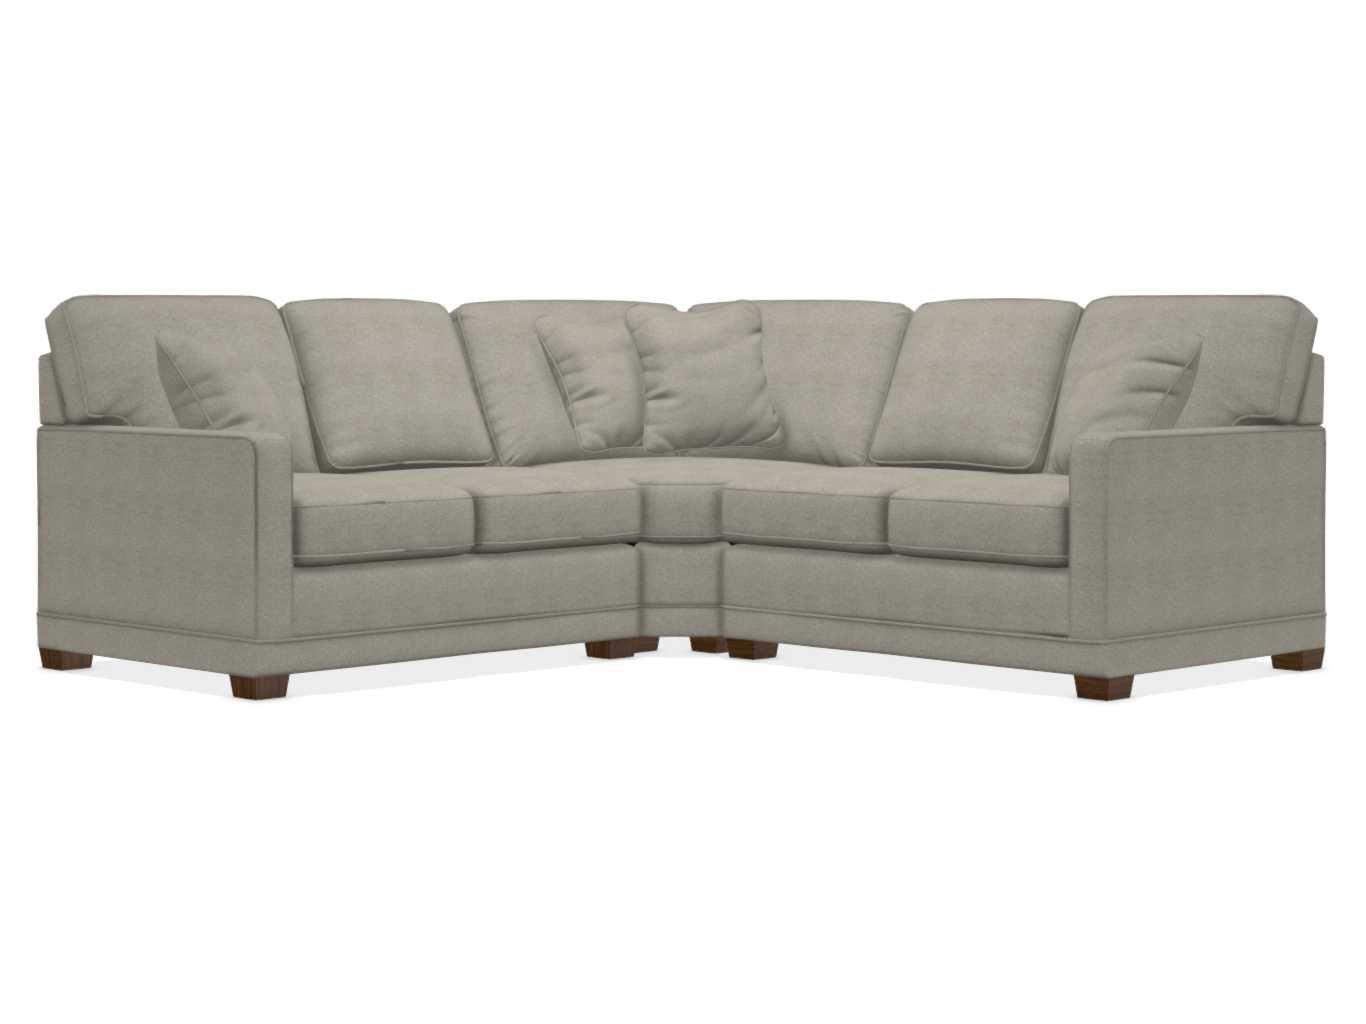 Kennedy Sectional Sectional Sectional Sofa Pillow Corner